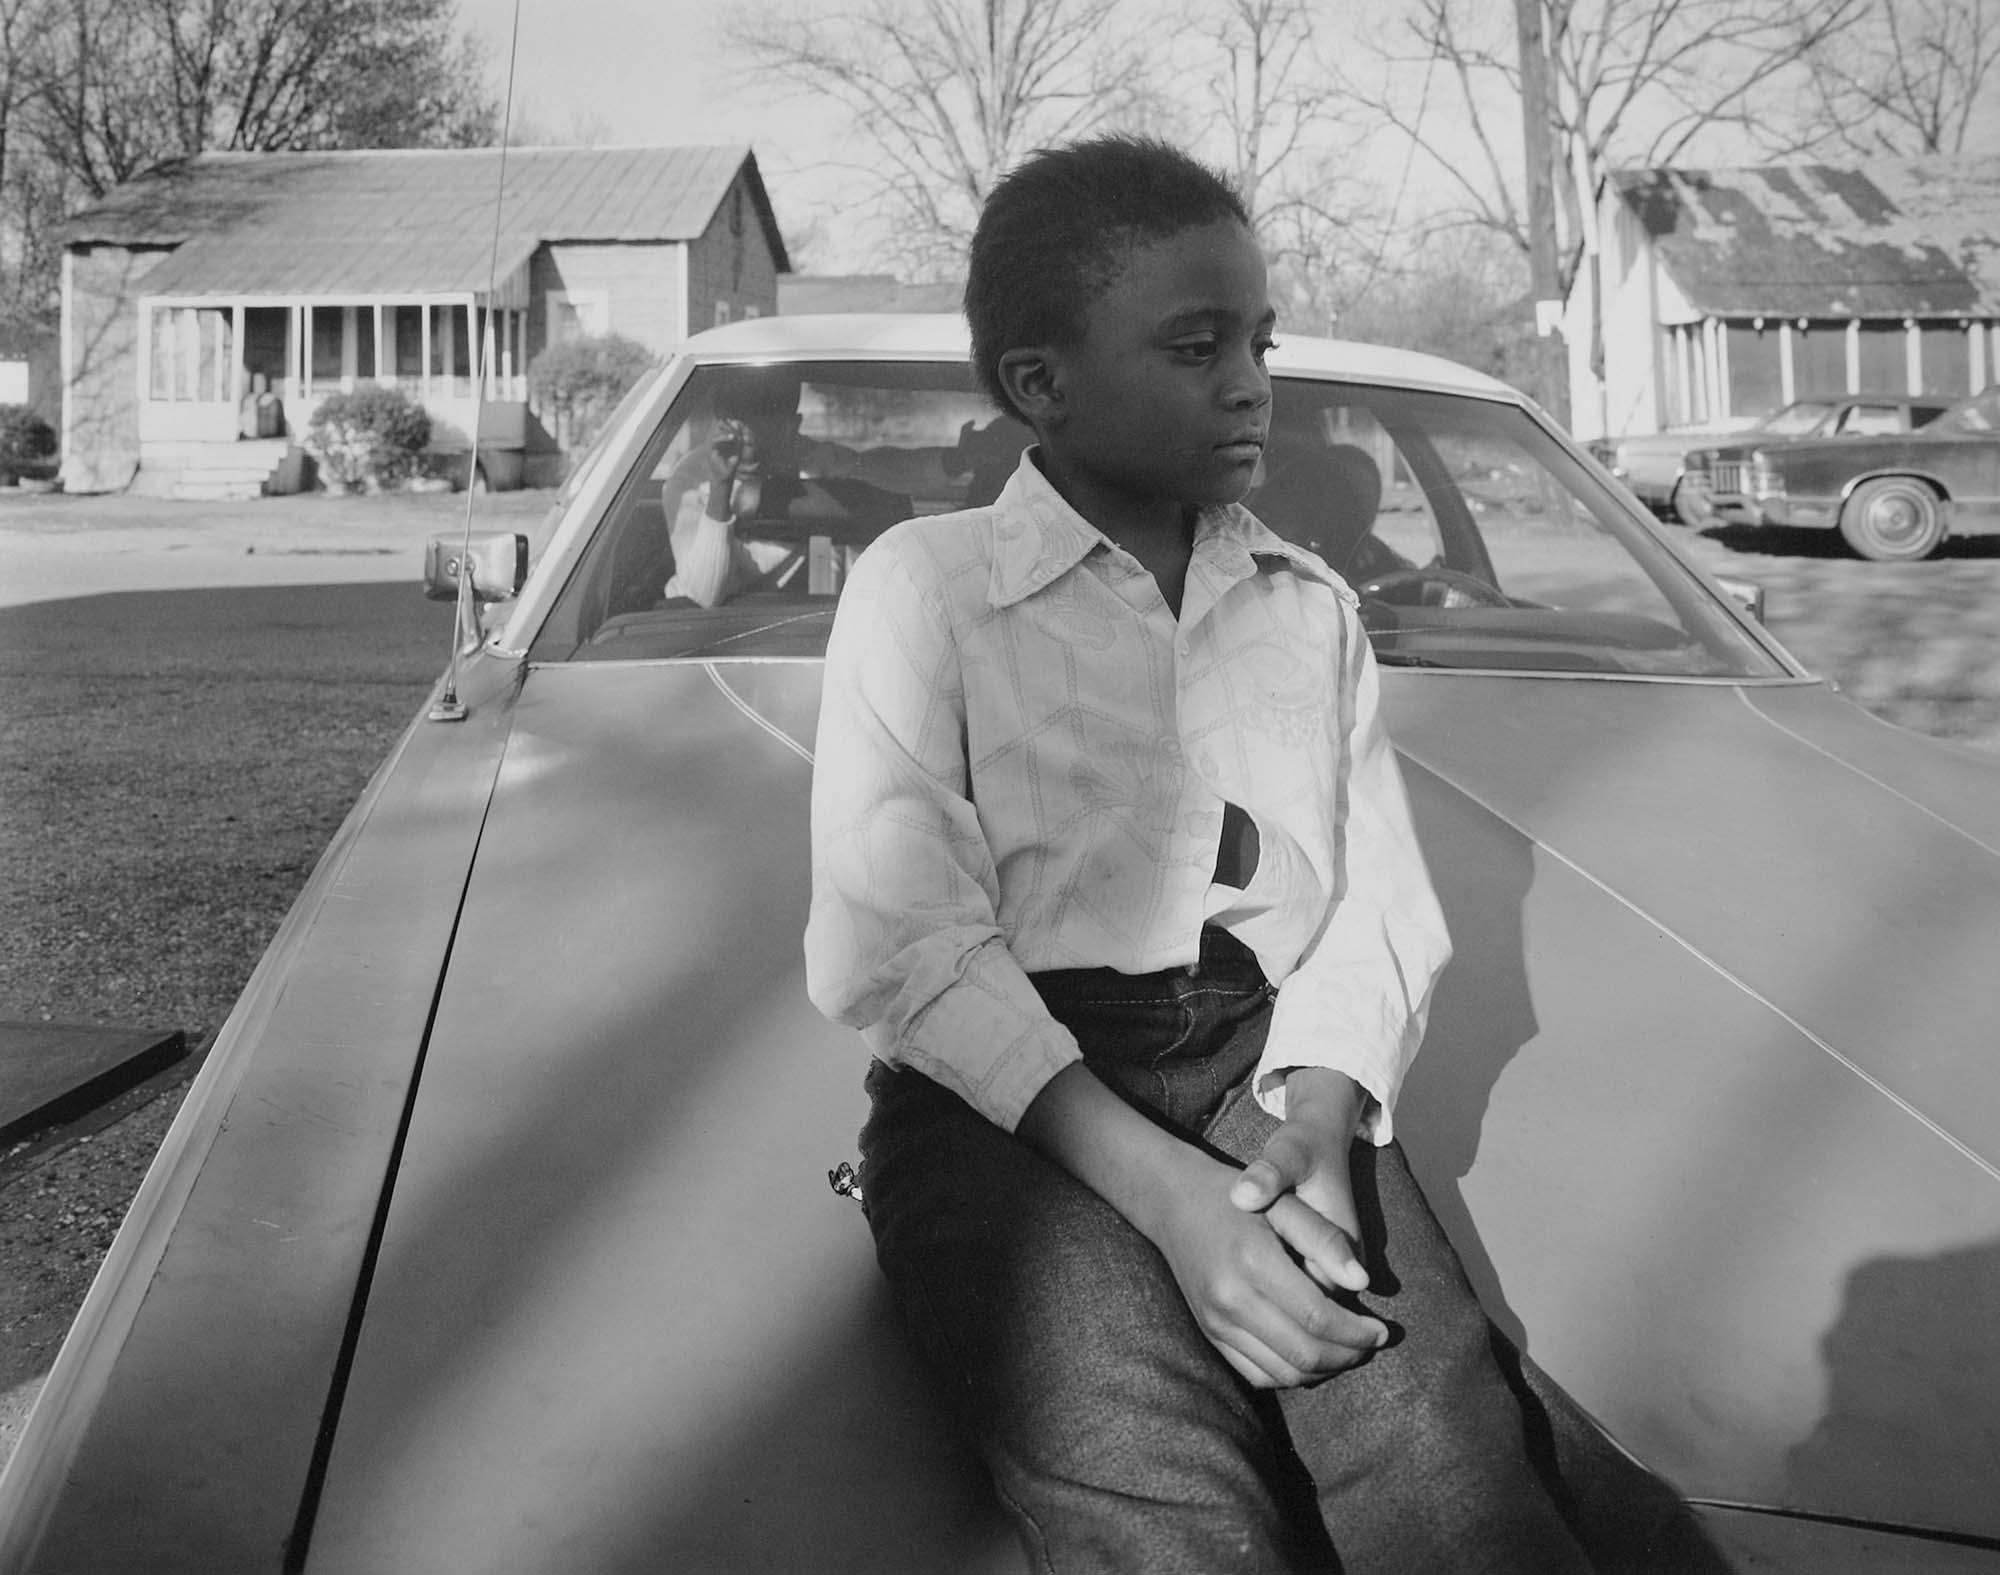 Child on hood, Hughes, Ark.,1984.